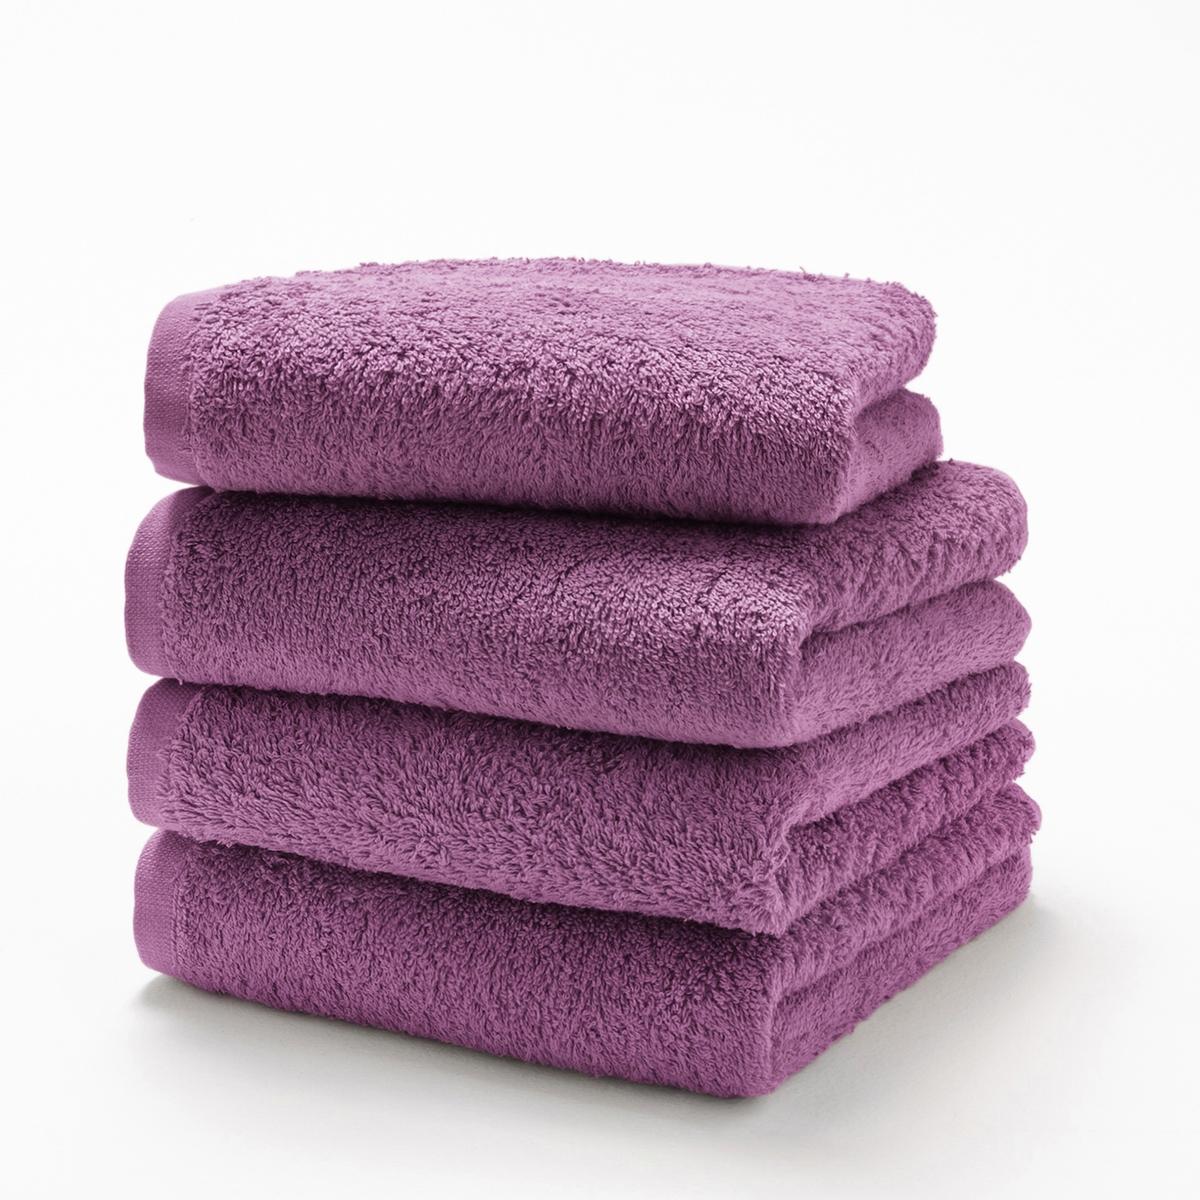 Комплект из 4 гостевых полотенец 500 г/м?